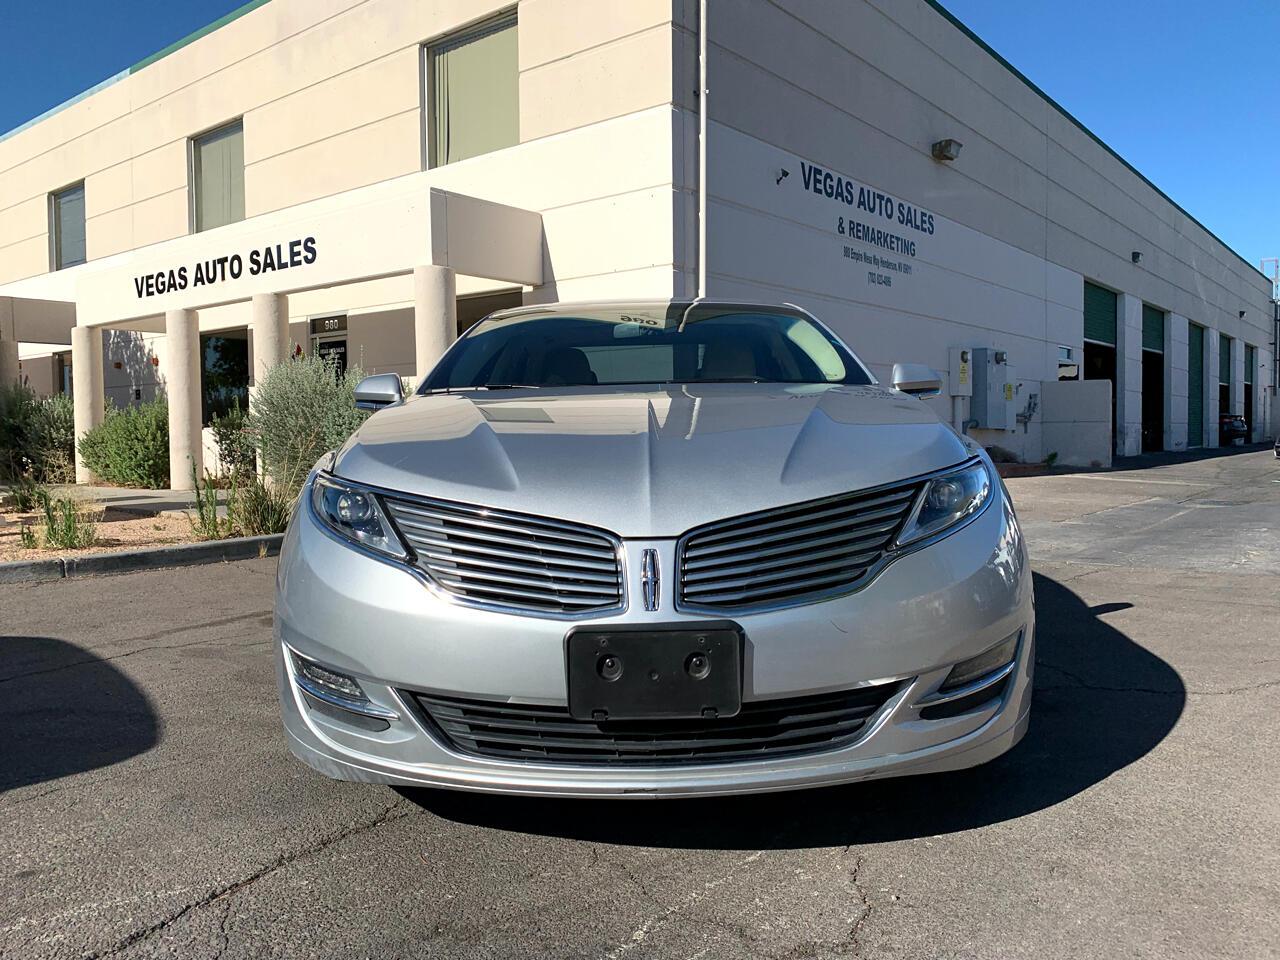 2013 Lincoln Lincoln MKZ